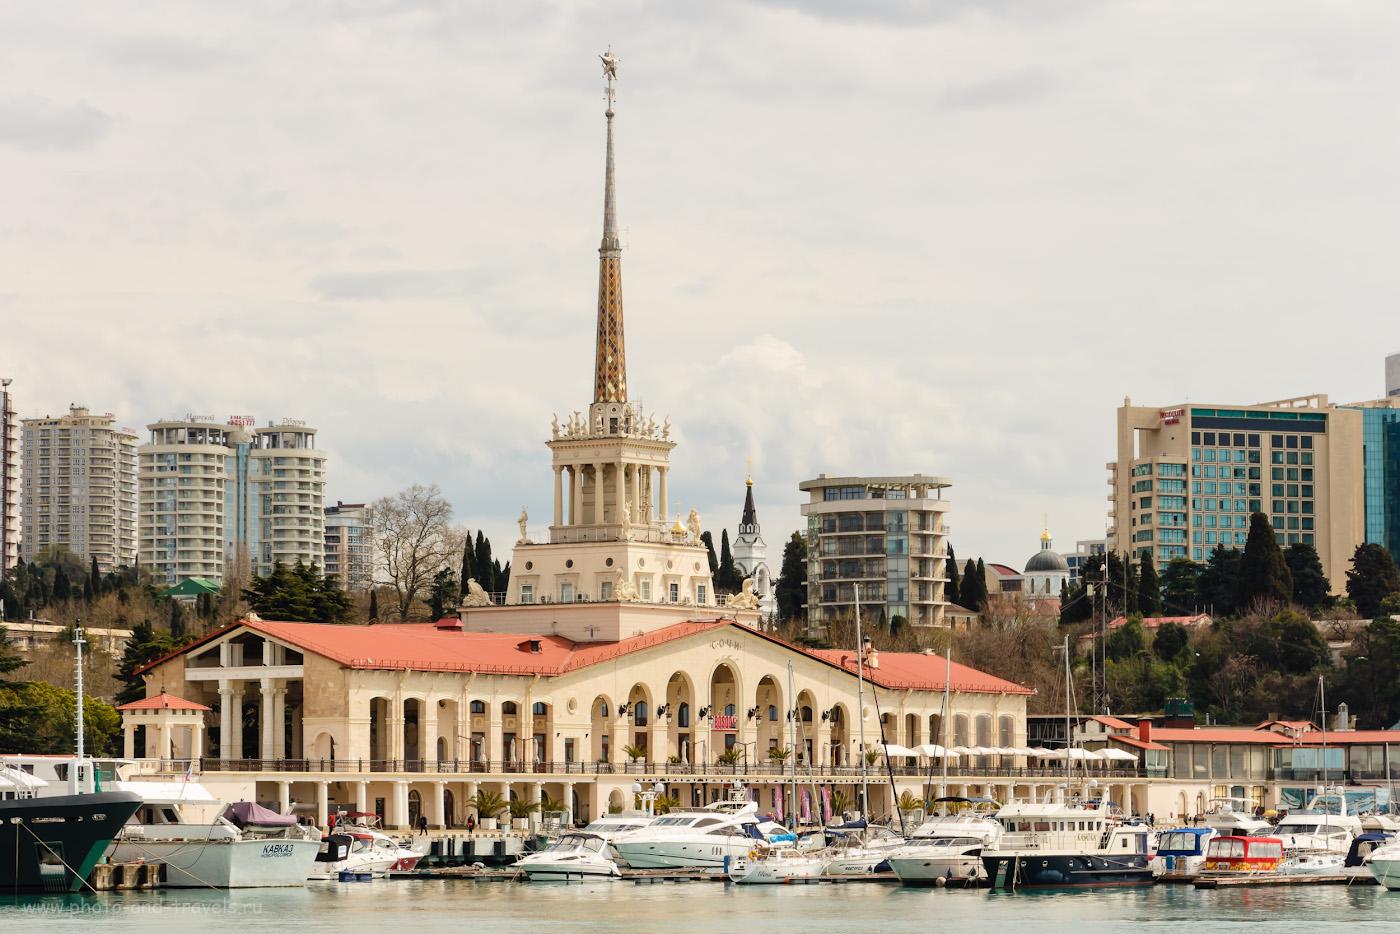 Фото 9. Здание старого Морского вокзала. Достопримечательности центрального района Сочи. 1/640, f/8, ISO 200, 67.